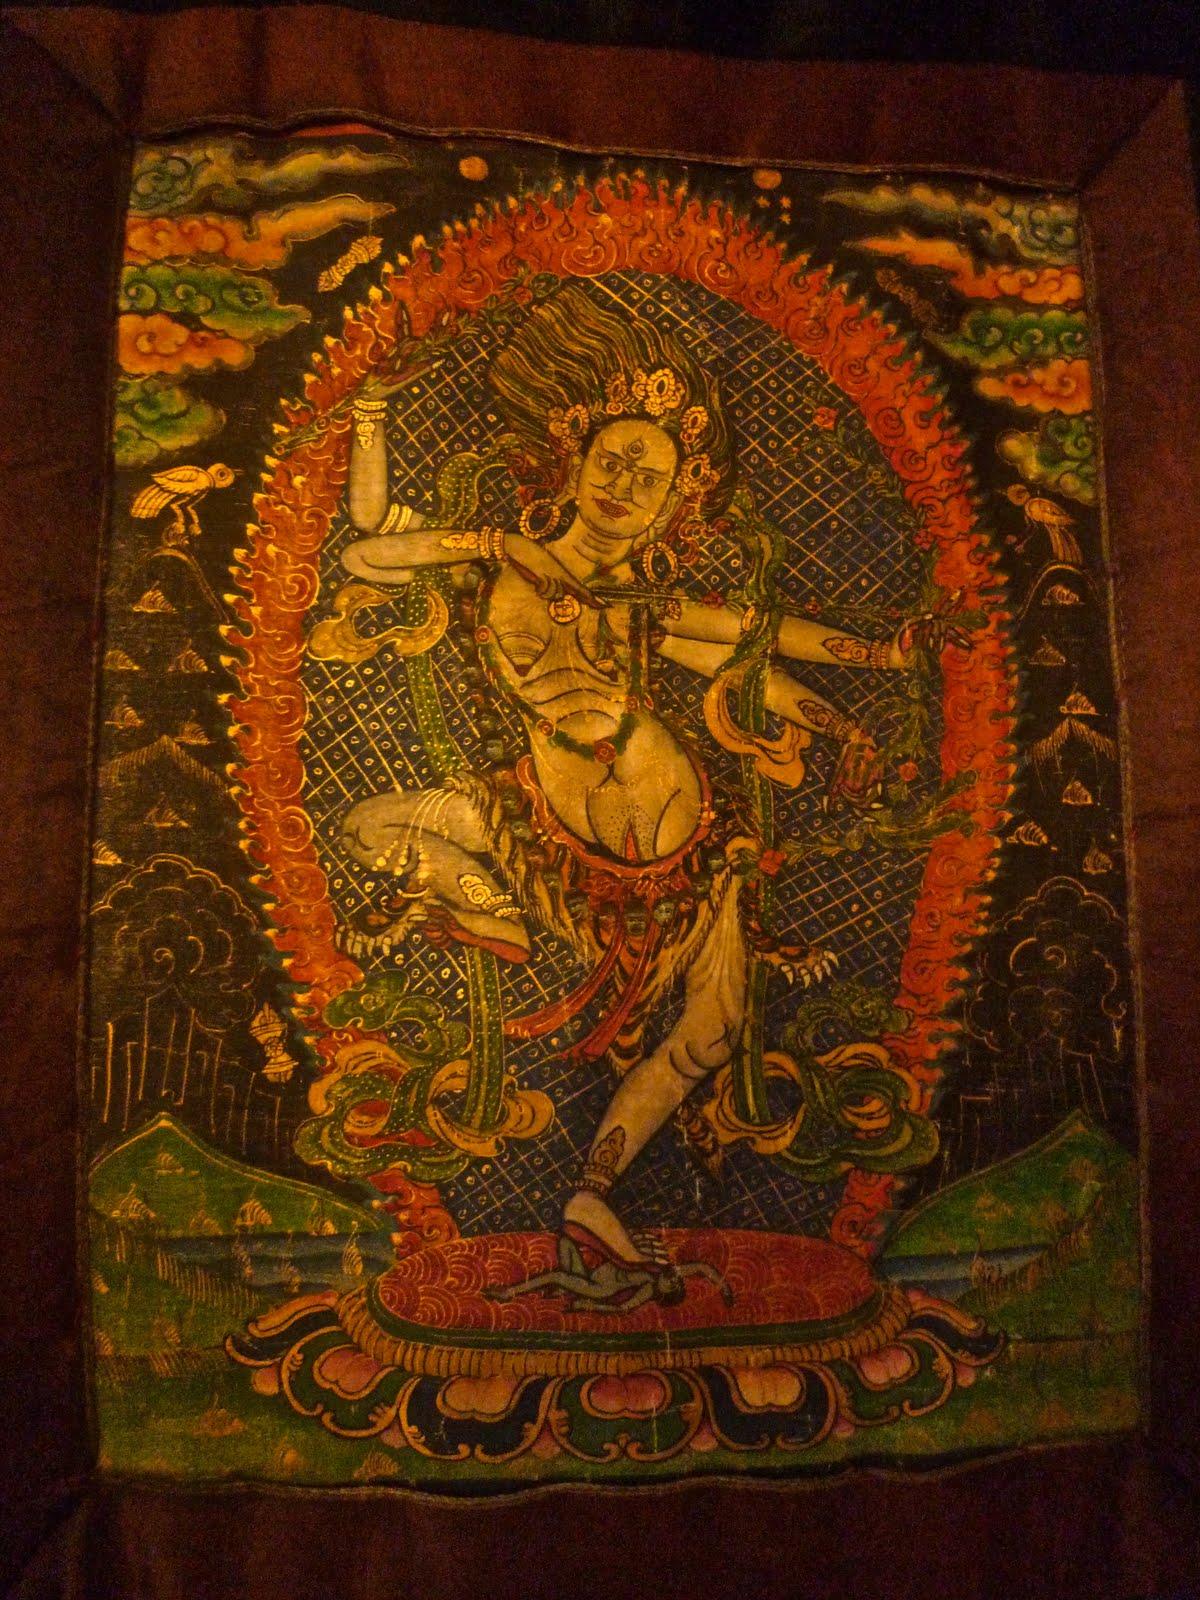 знакомства религия буддизм phpbb